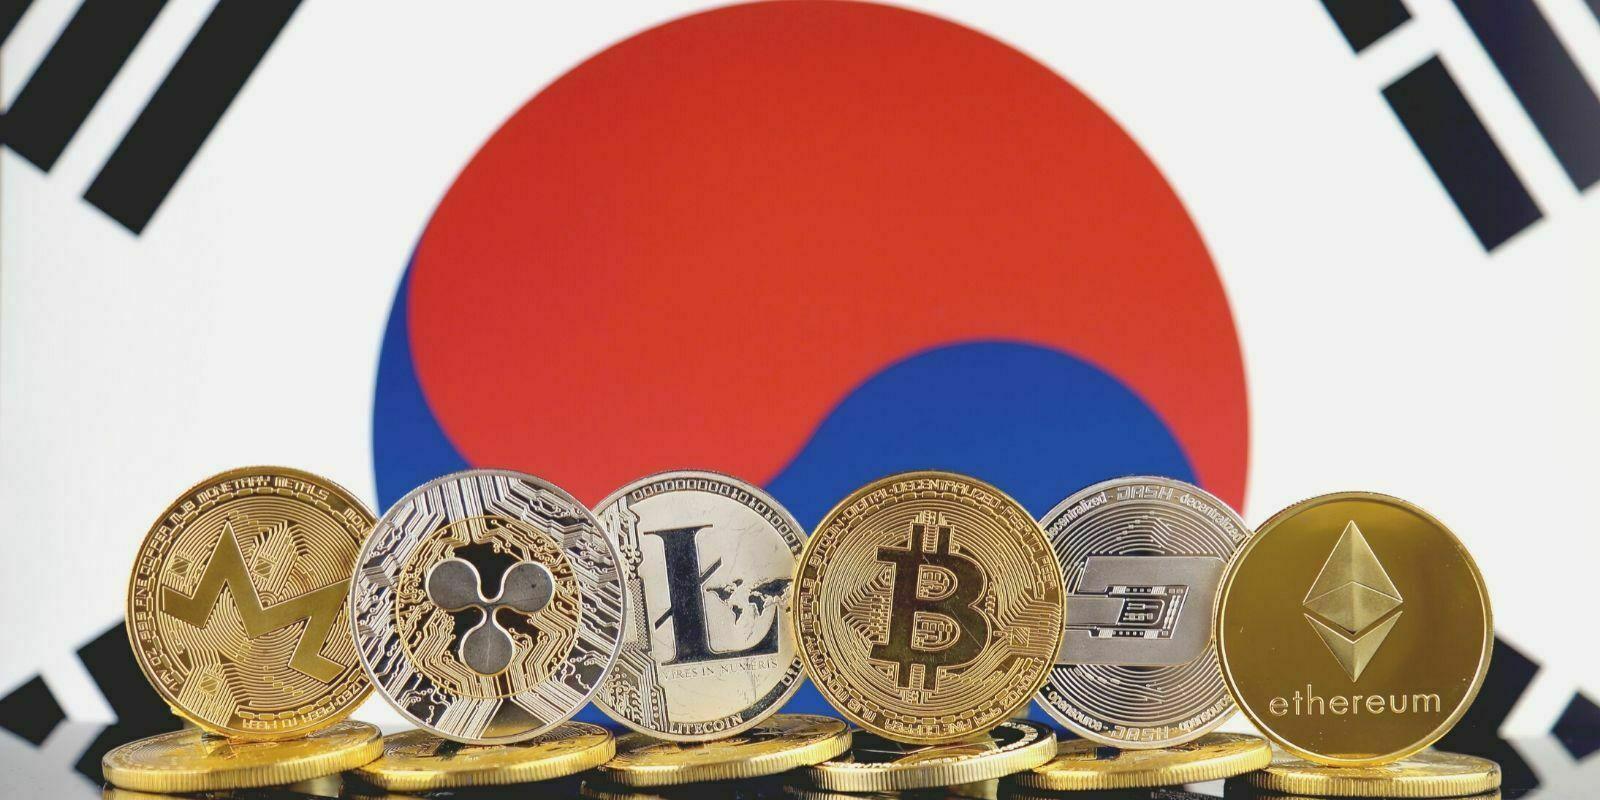 Un projet de loi sur les cryptomonnaies en Corée du Sud en passe d'être adopté ?